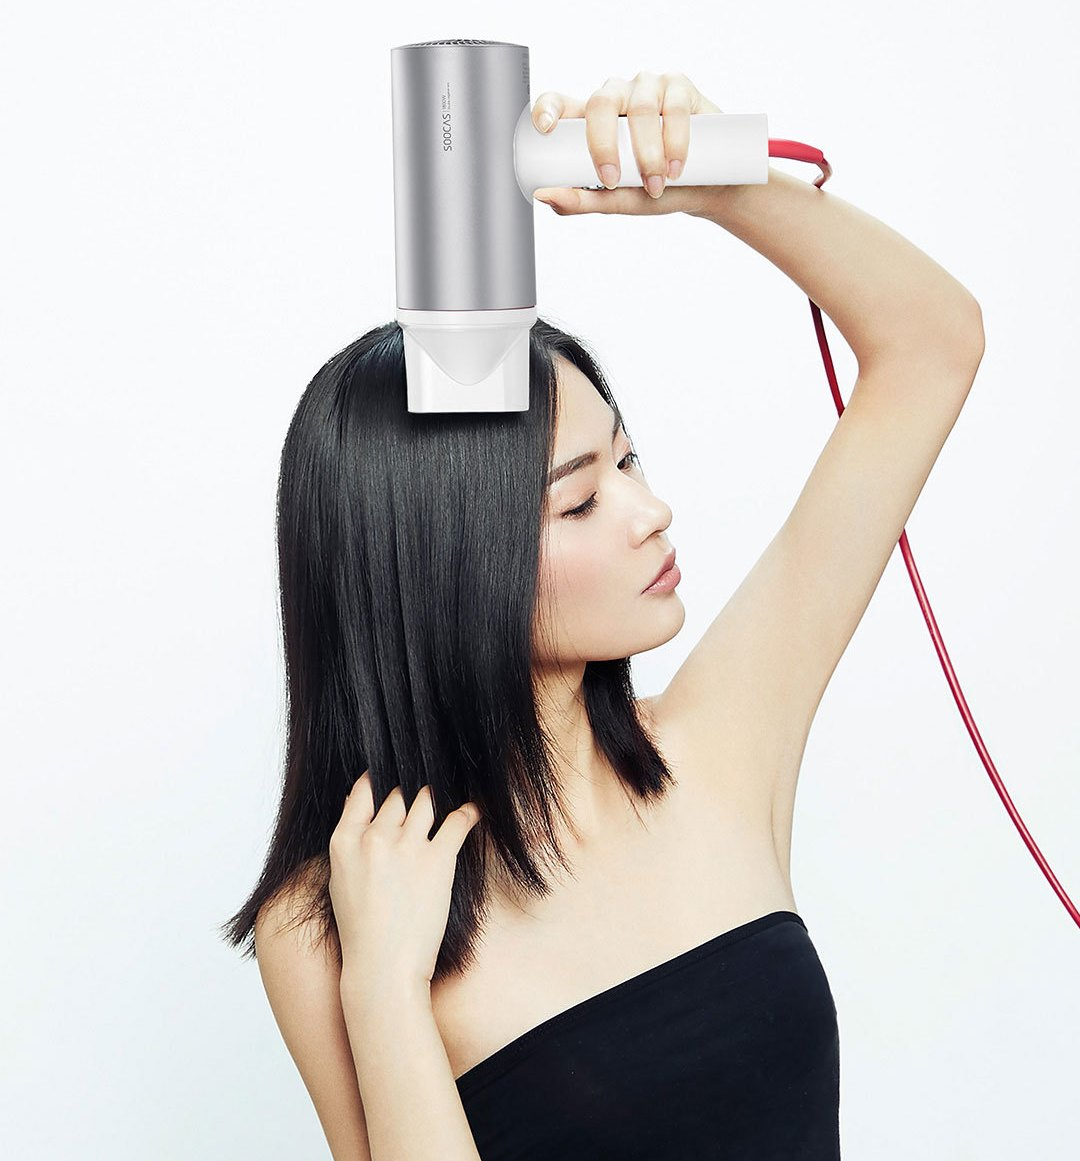 SOOCAS-Hair-Dryer-H3-White-Silver